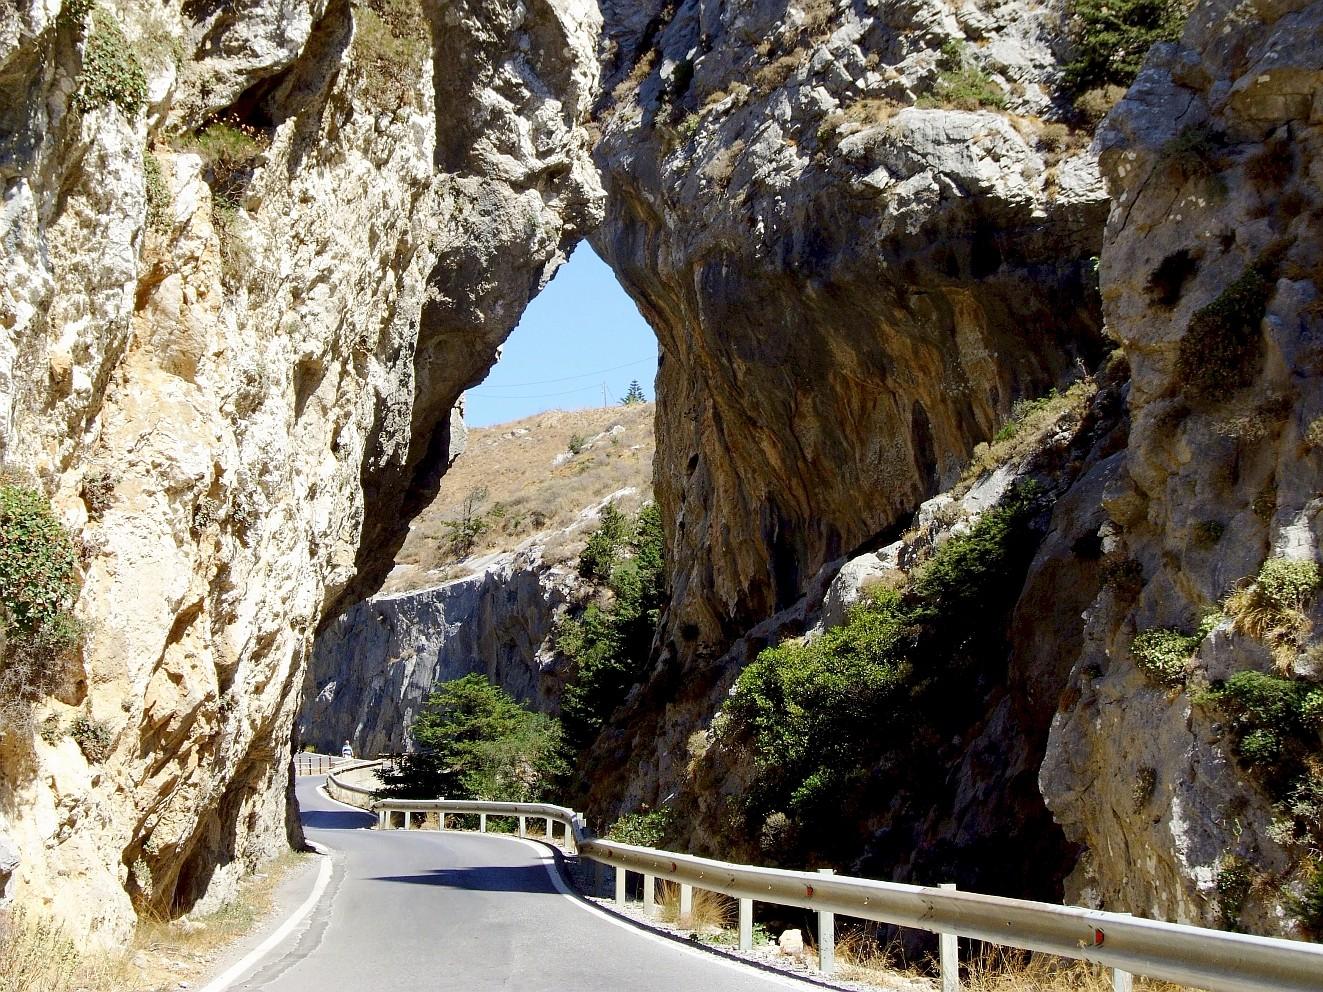 Gorge of Kotsyfou